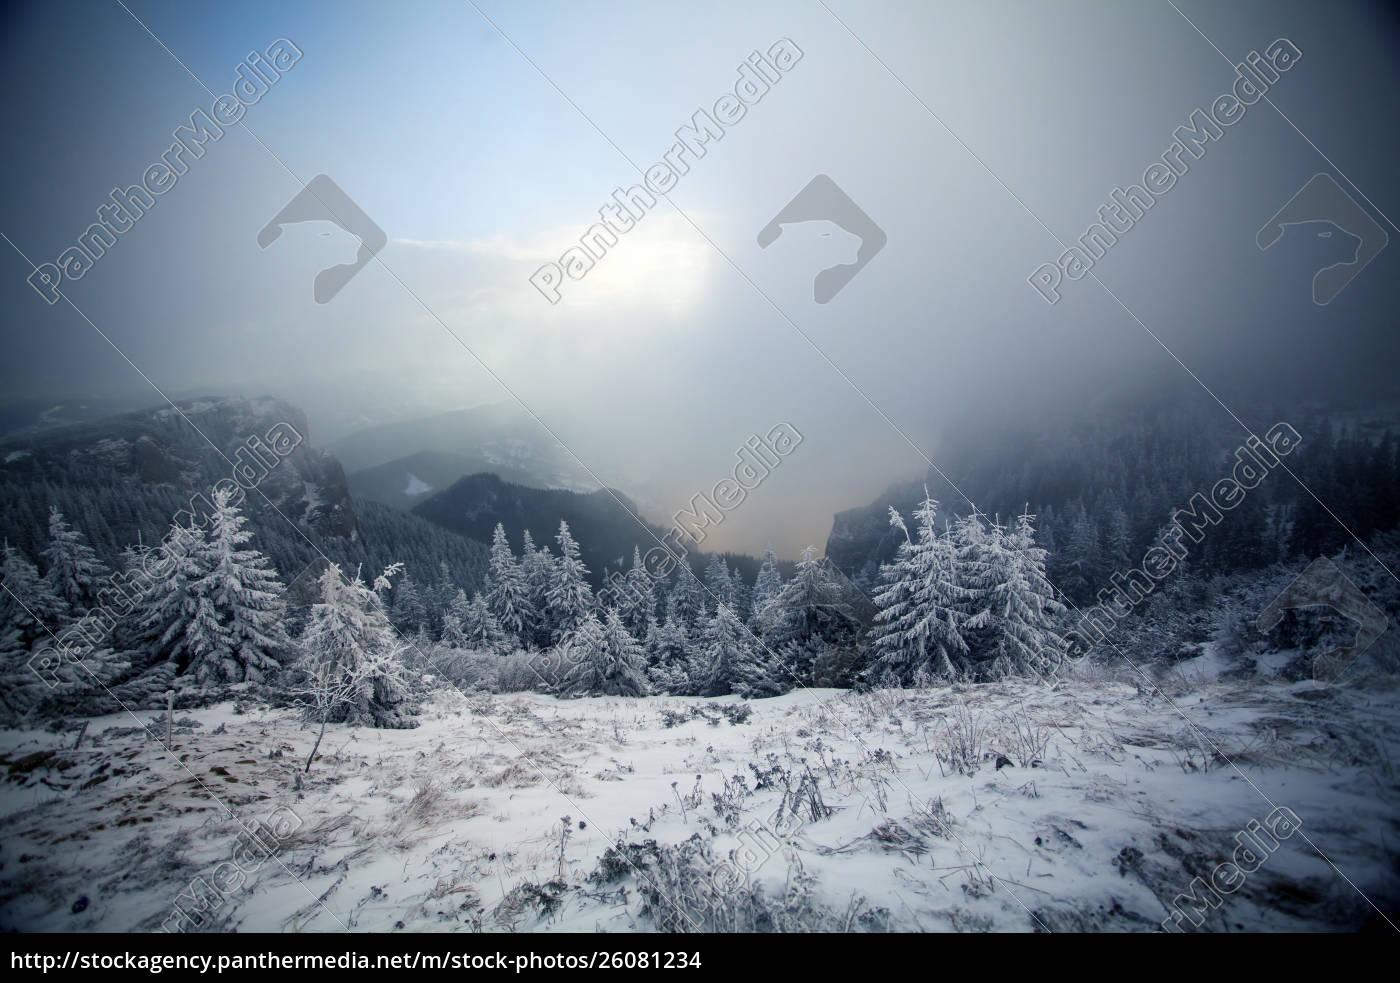 bäume, mit, raureif, und, schnee, in - 26081234